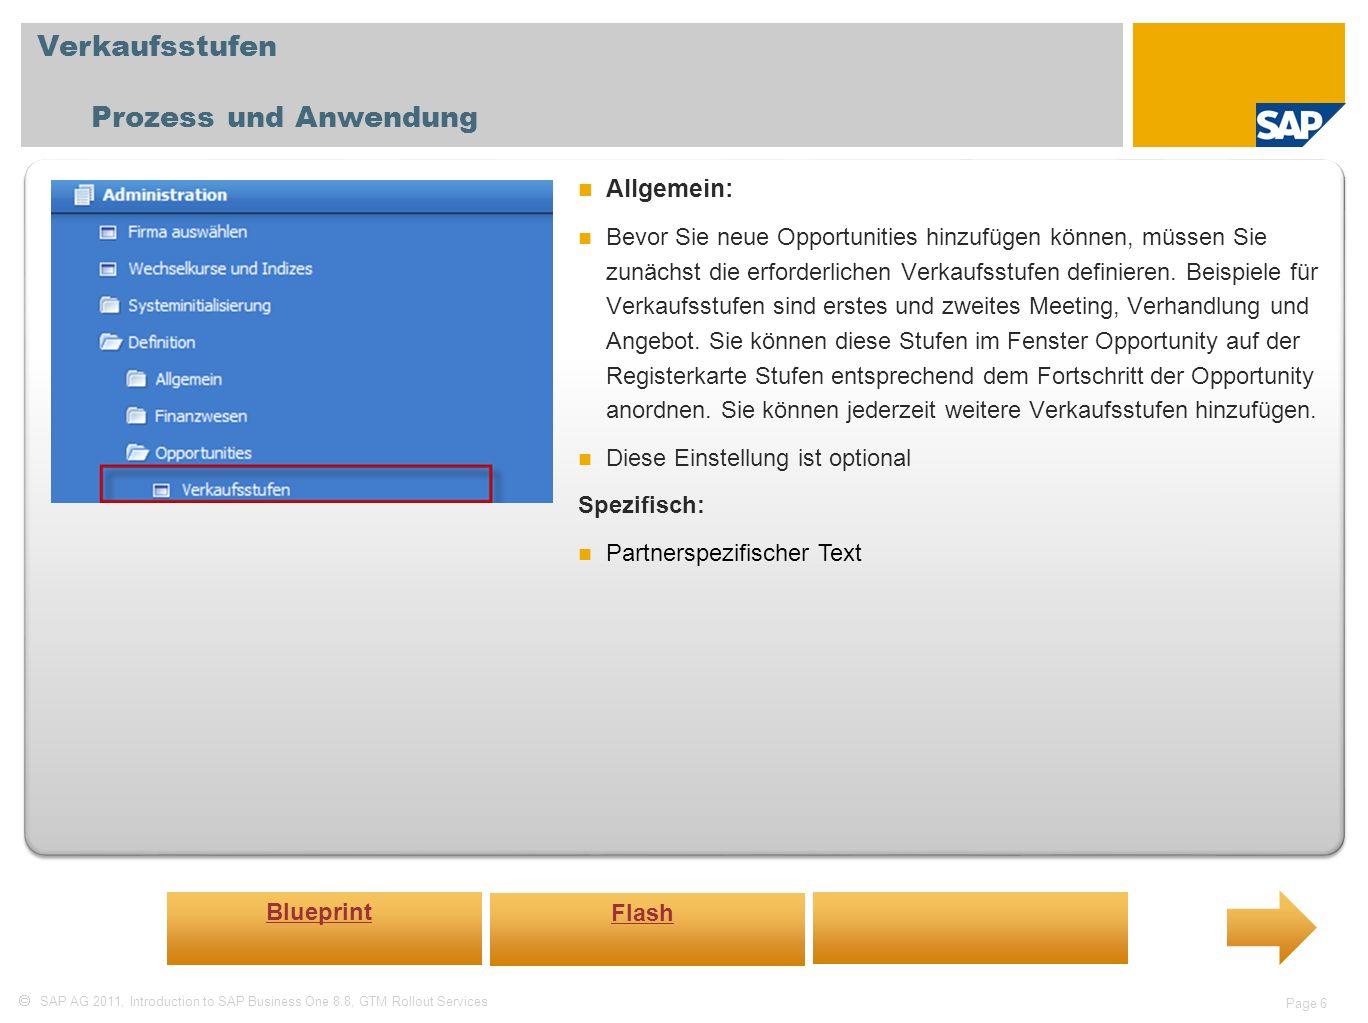 SAP AG 2011, Introduction to SAP Business One 8.8, GTM Rollout Services Page 6 Verkaufsstufen Prozess und Anwendung Allgemein: Bevor Sie neue Opportunities hinzufügen können, müssen Sie zunächst die erforderlichen Verkaufsstufen definieren.